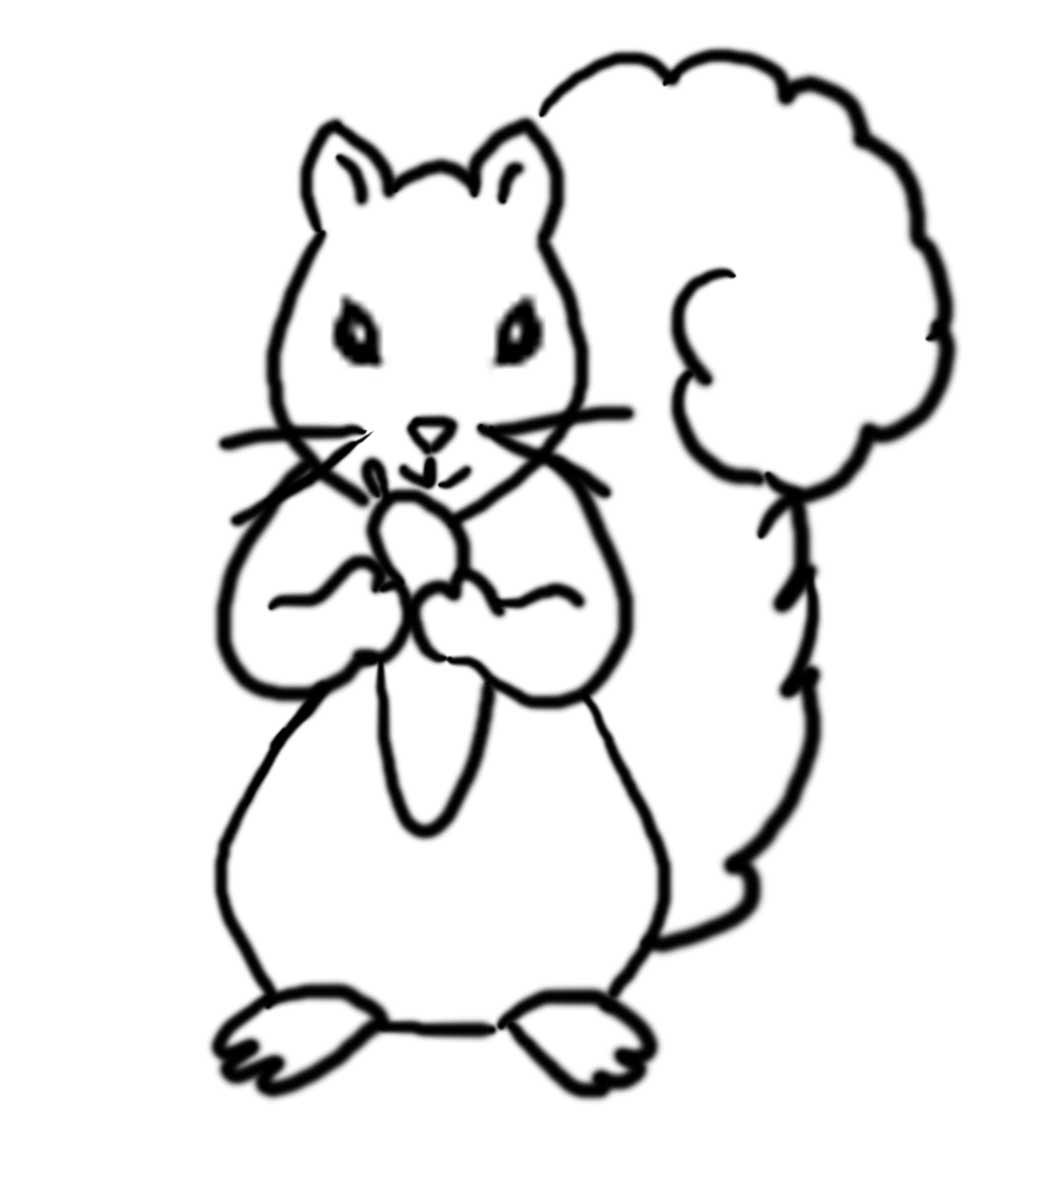 Tổng hợp những bức tranh tô màu đẹp nhất về chú sóc con